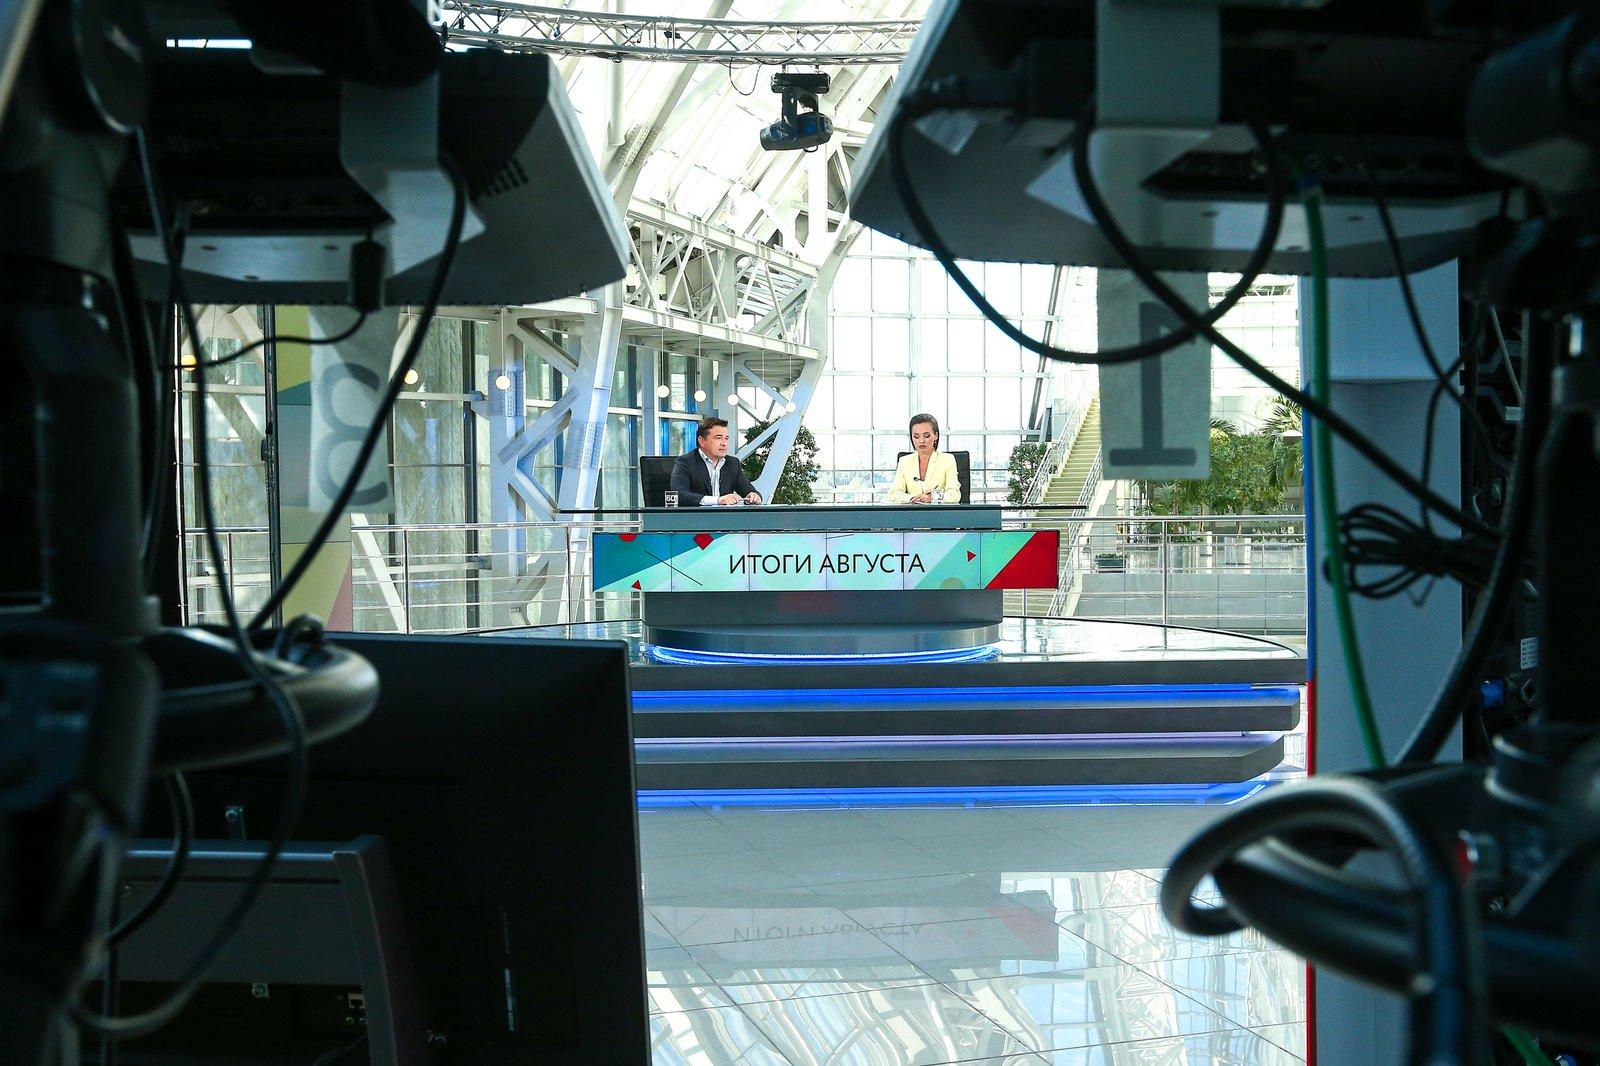 Андрей Воробьев губернатор московской области - Новая услуга в роддомах, авиасалон МАКС и готовность школ: что обсудили во время эфира «360»